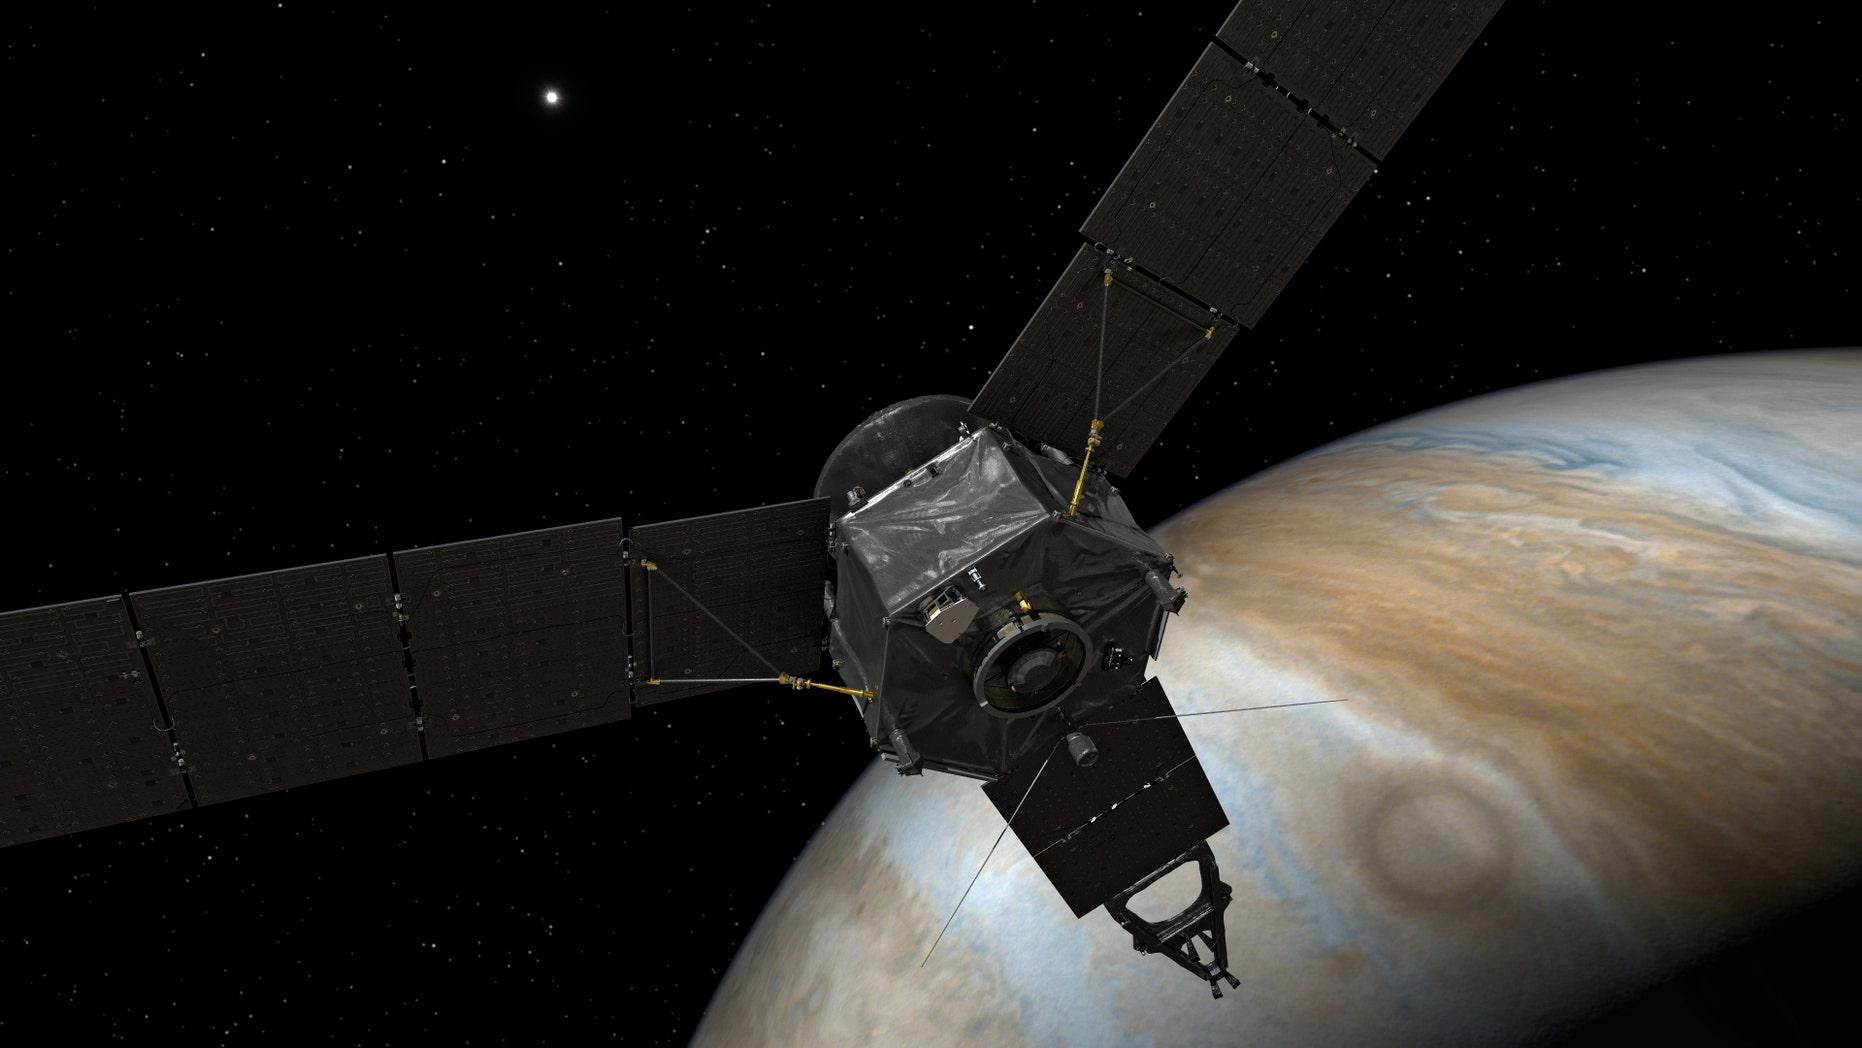 Artist's impression of NASA' s Juno spacecraft at Jupiter (NASA/JPL-Caltech)